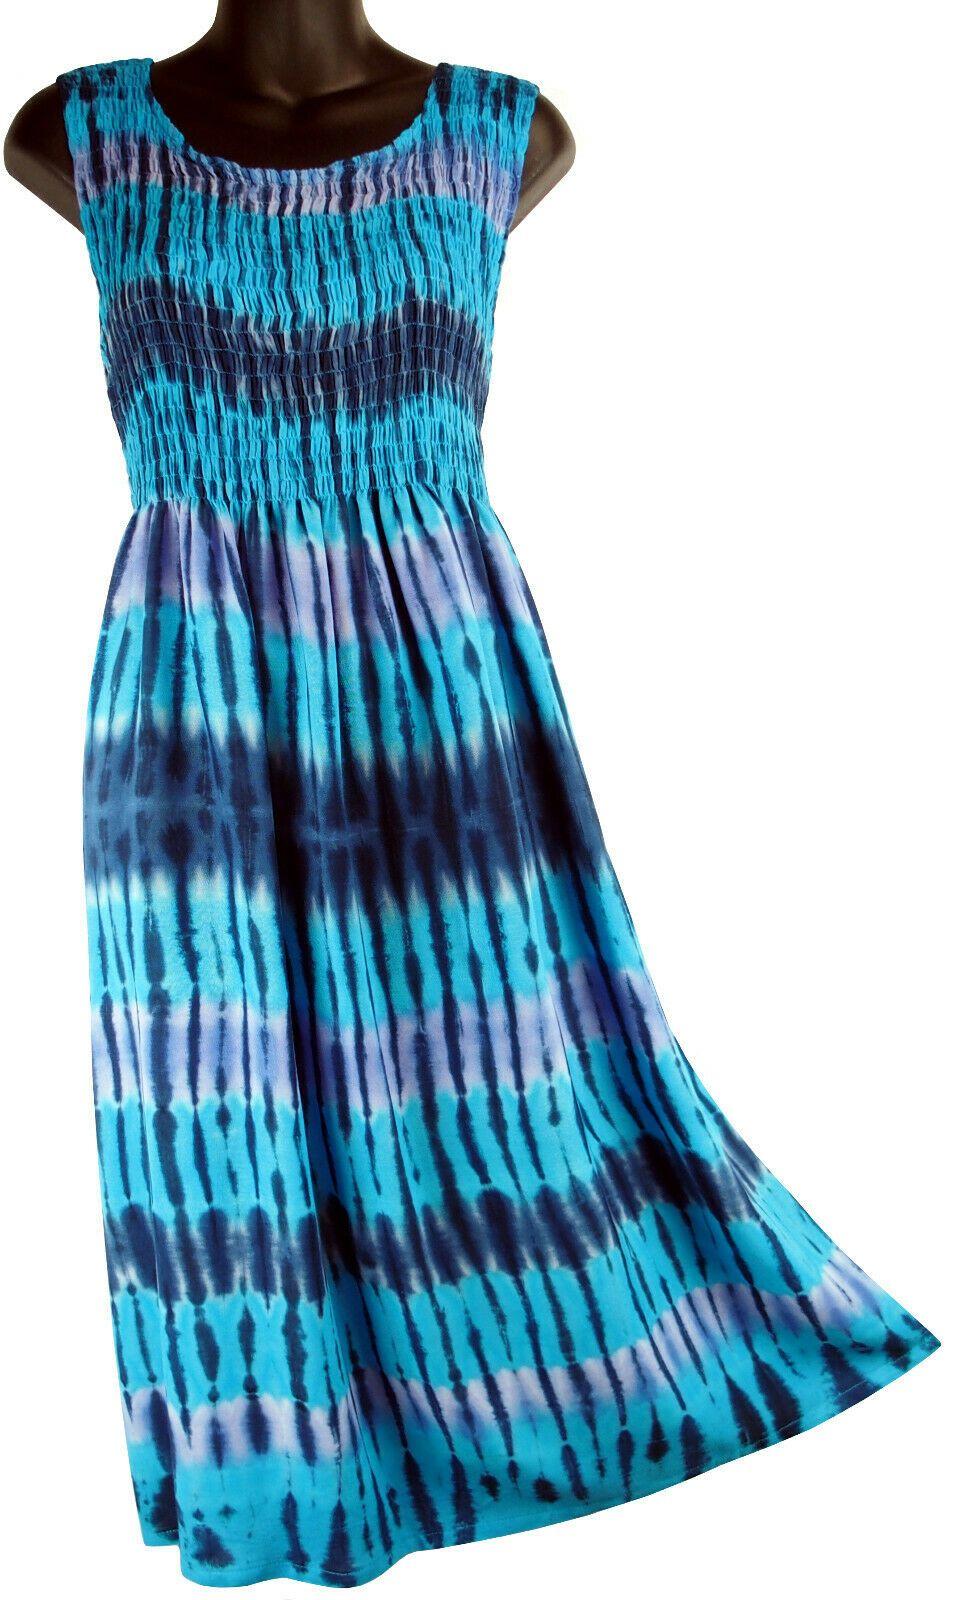 Crinkle Umbrella Sundress Beach Wear 1x 2x 3x 14 24 Navy Blue Dresses Ideas Of Blue Dresses Long Summer Dresses Maxi Floral Print Dress Long Blue Dresses [ 1600 x 961 Pixel ]